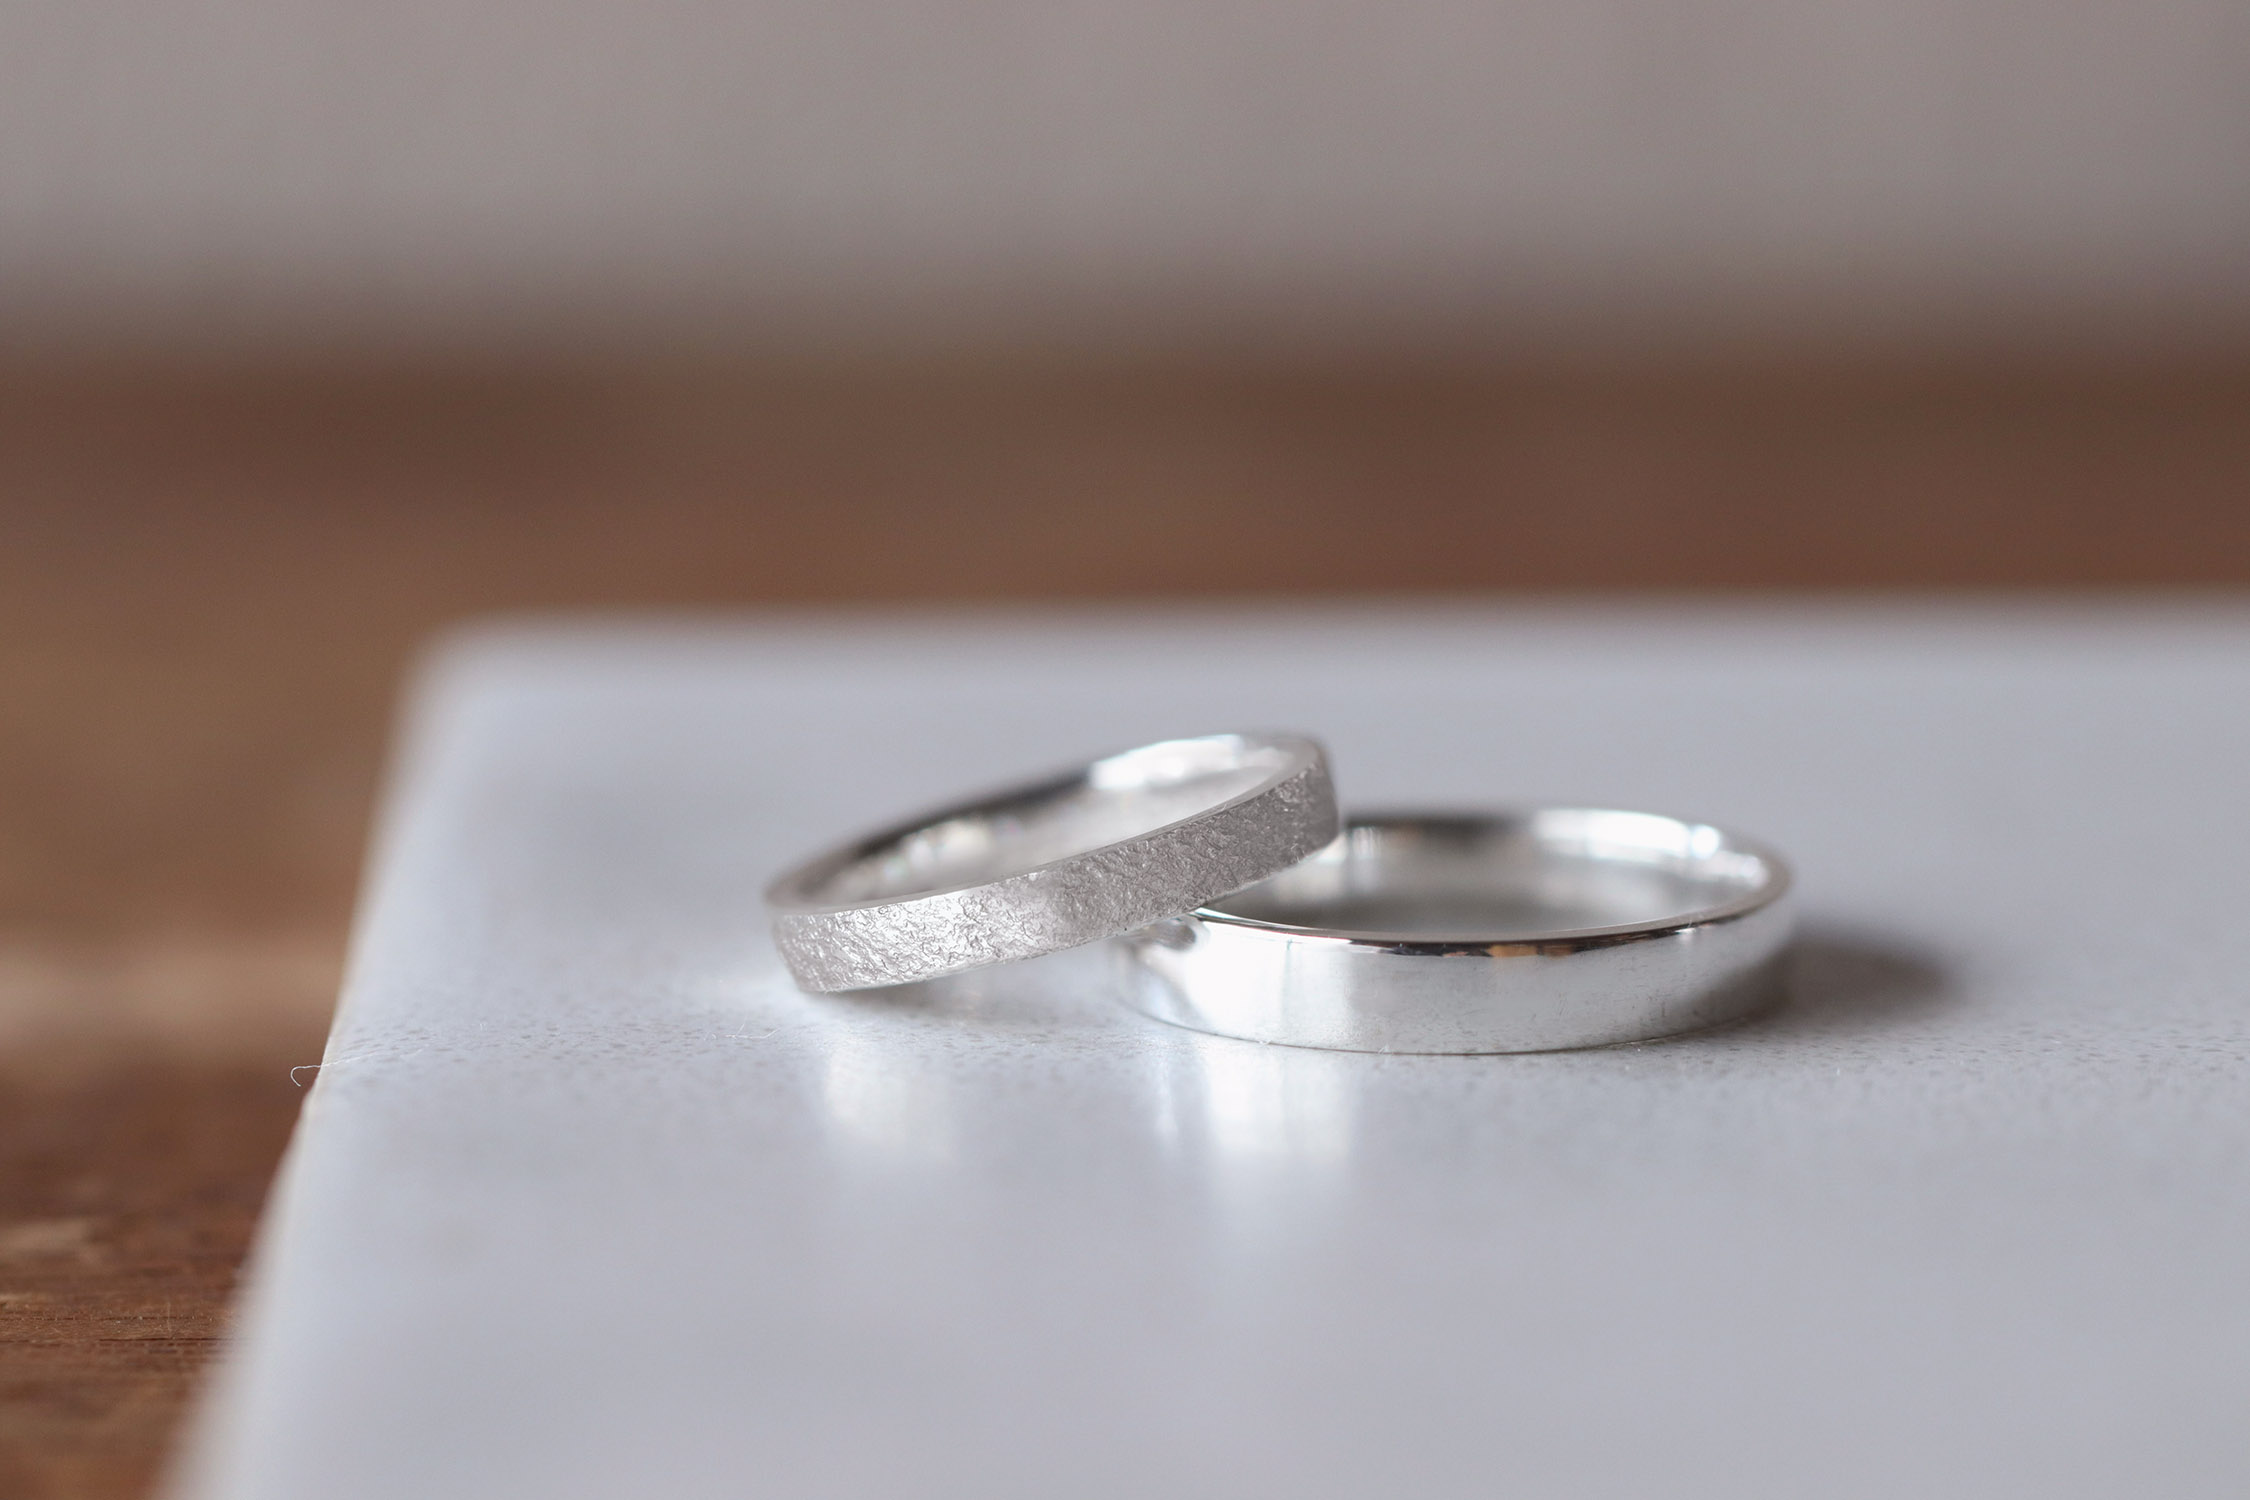 石目と鏡面の指輪の仕上げの違い